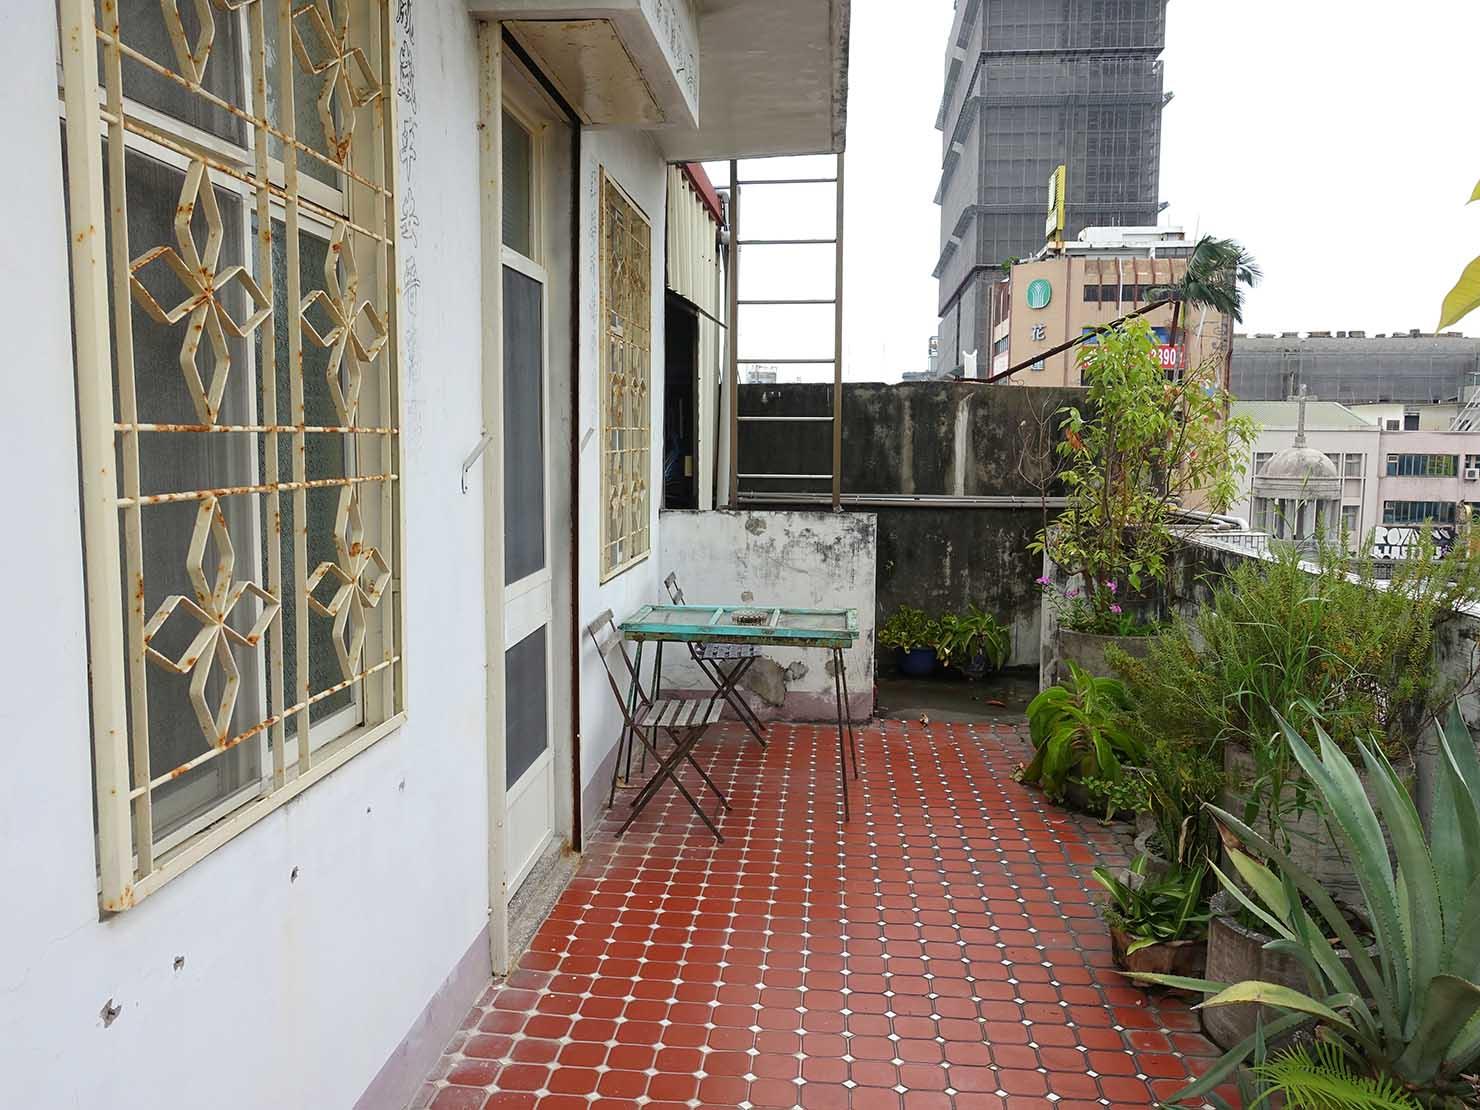 花蓮市街中心部のレトロかわいいおすすめゲストハウス「花蓮日日 Hualien dairy」5Fパブリックスペースのベランダ